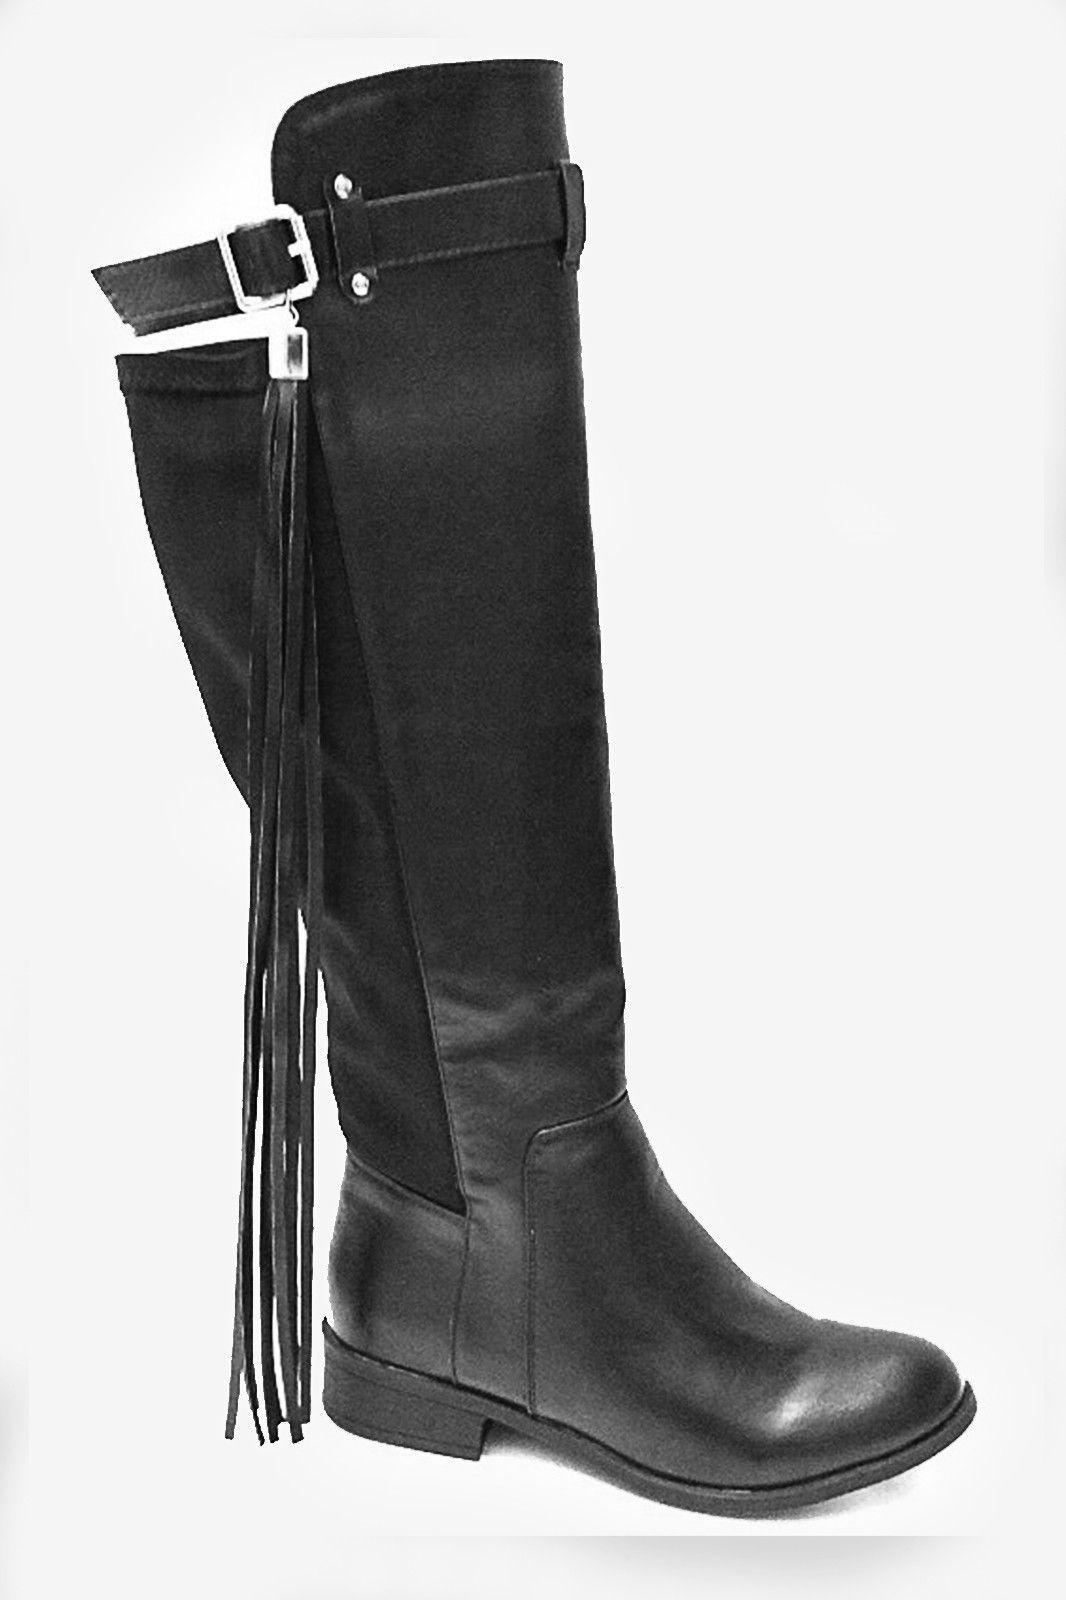 High Rider Tassel Boots - Brown